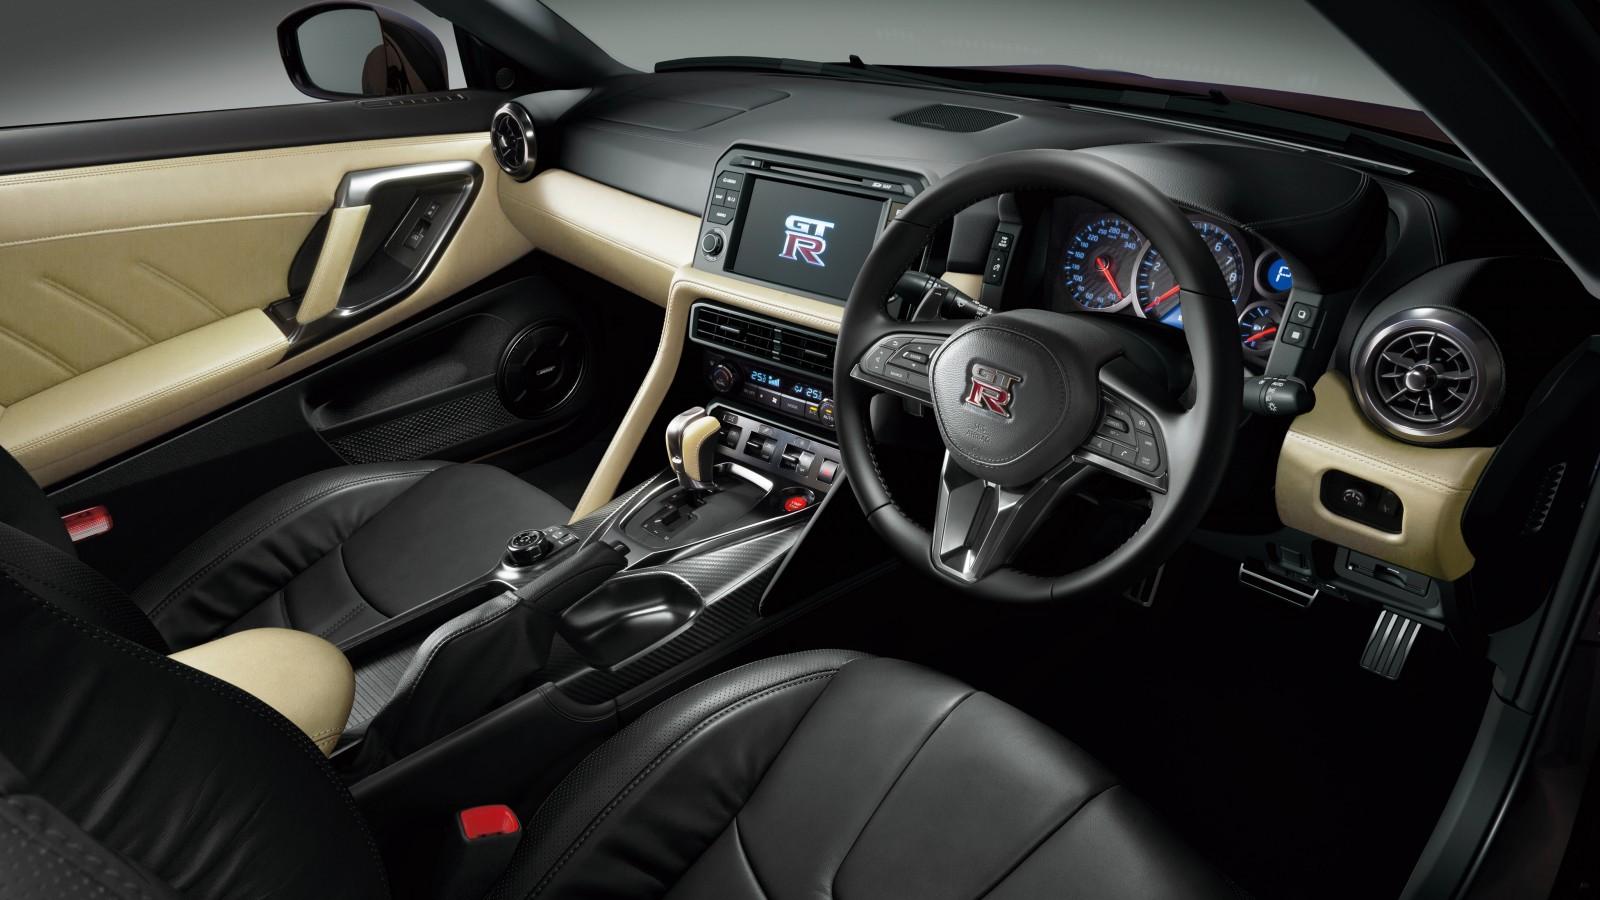 Nissan Sentra 2017 Interior